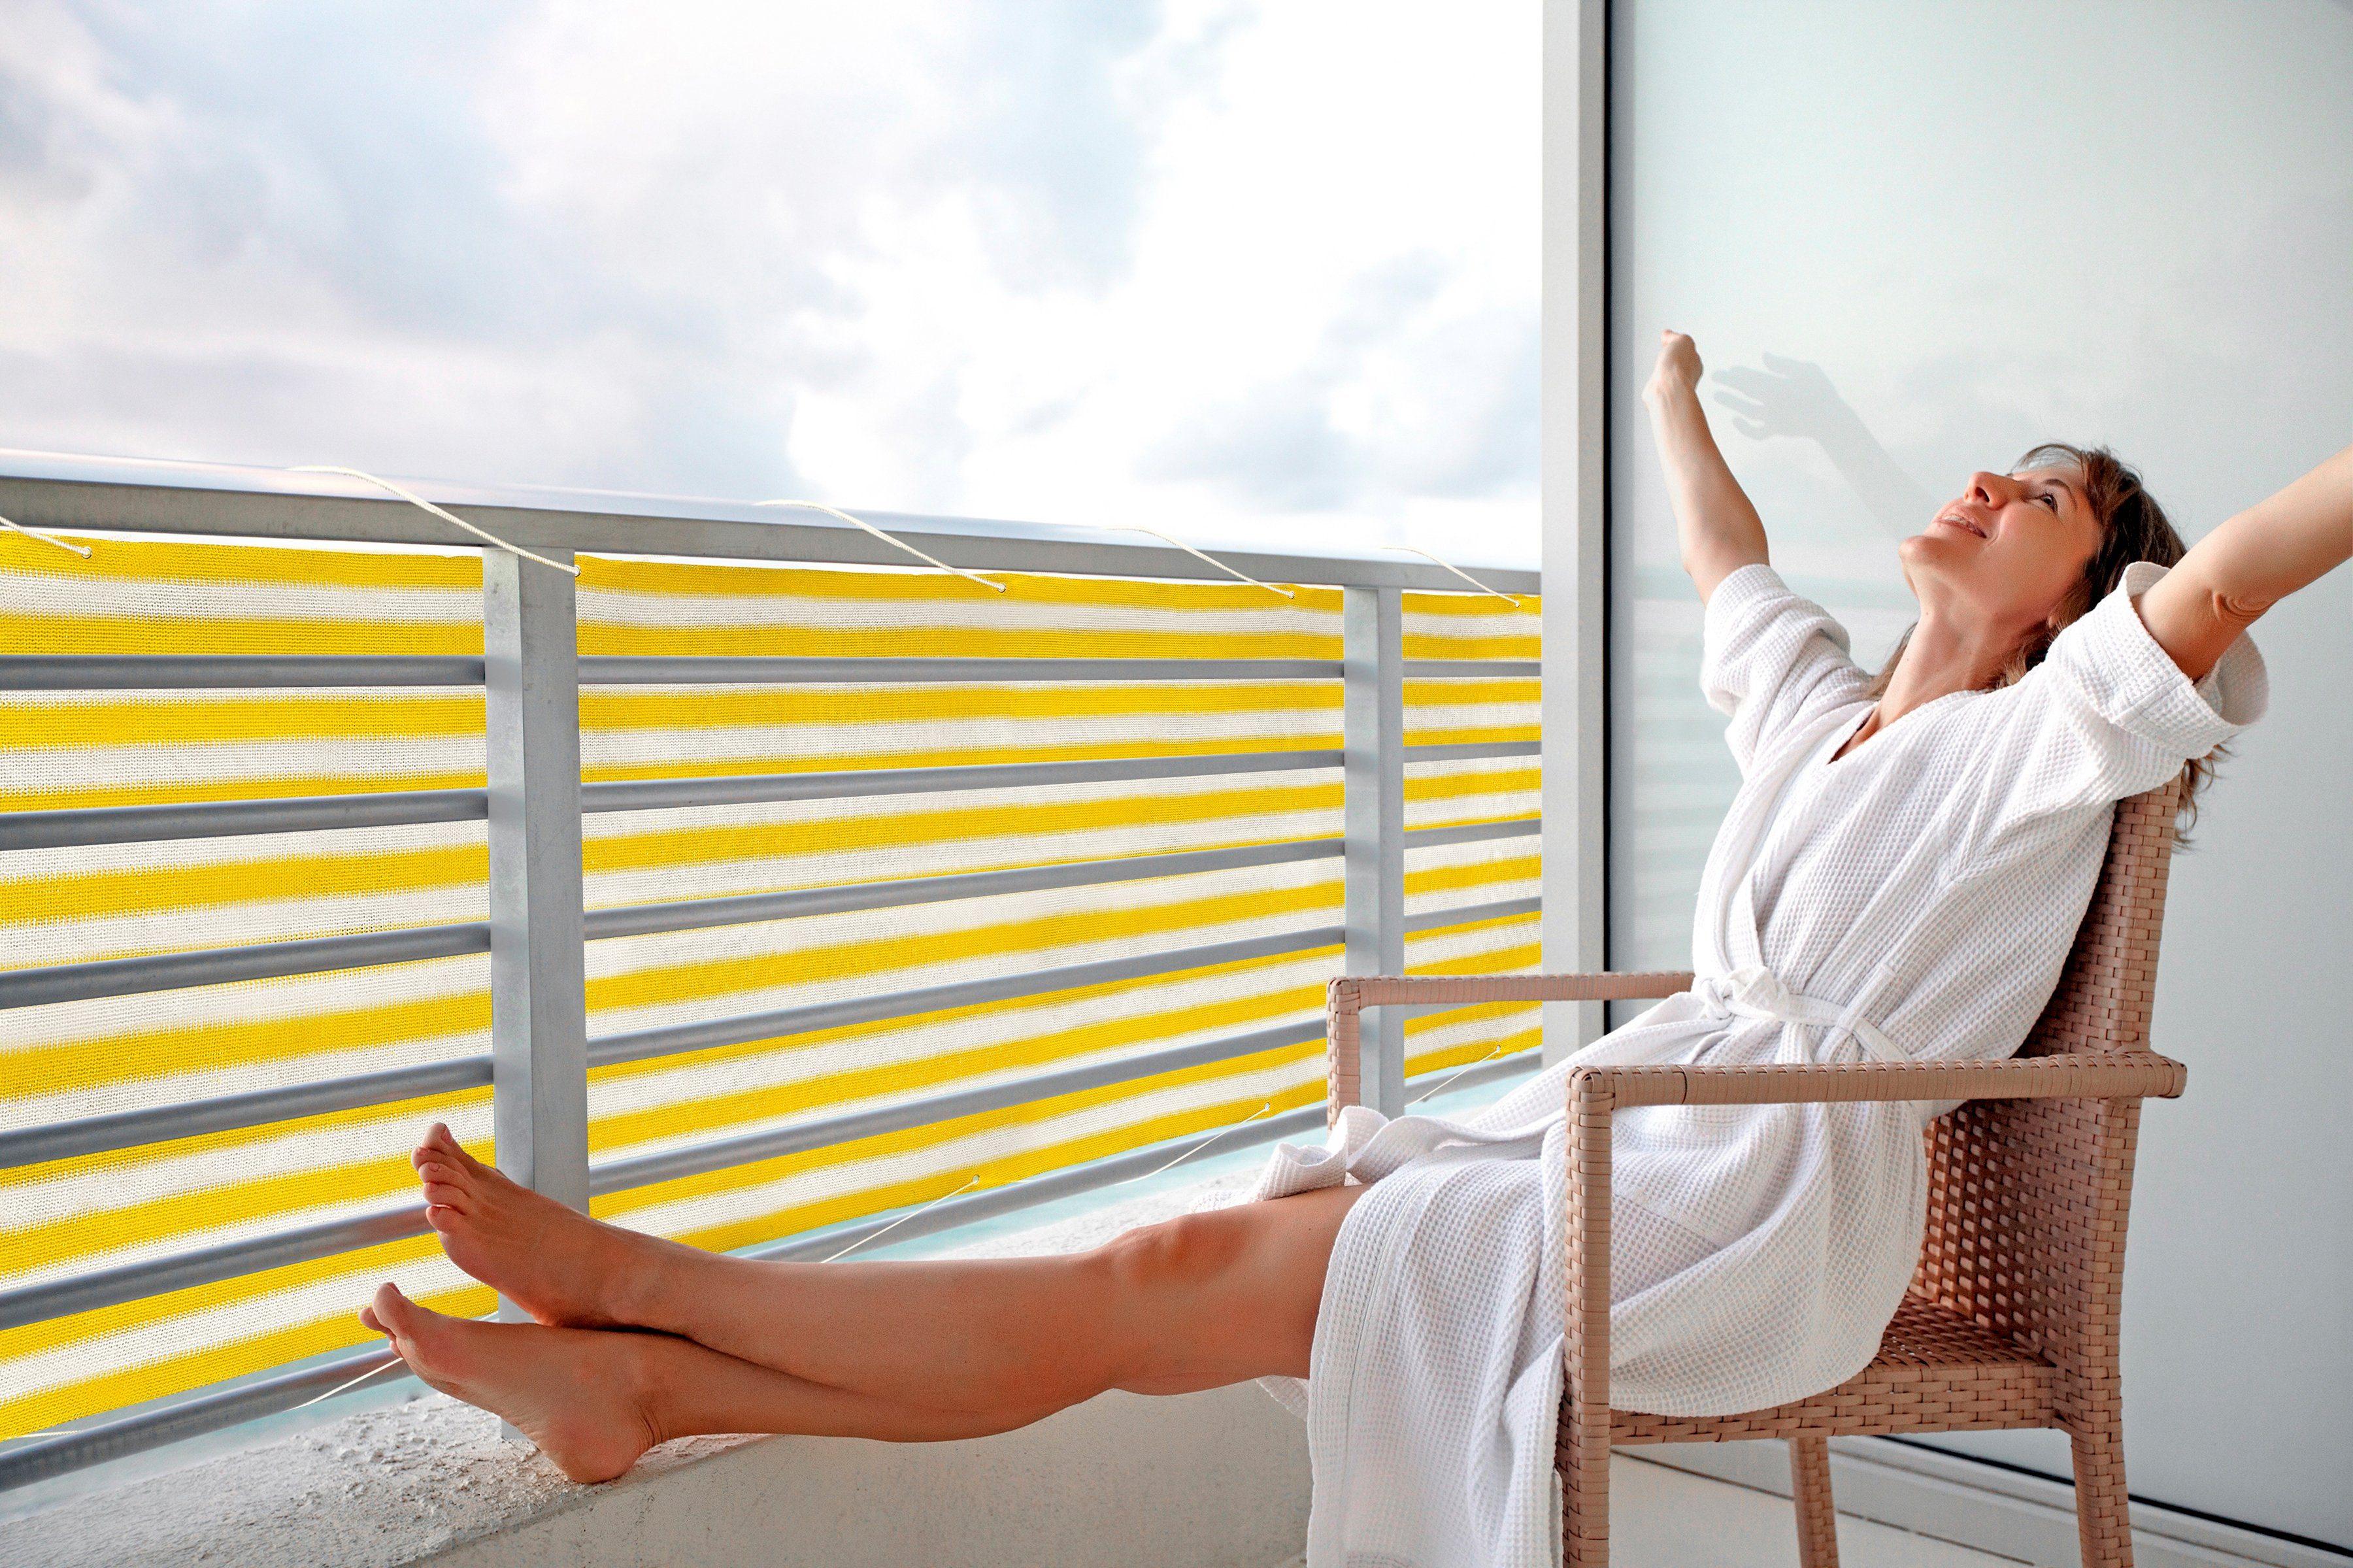 PEDDY SHIELD Balkonsichtschutz , BxH: 500x90 cm, gelb/weiß